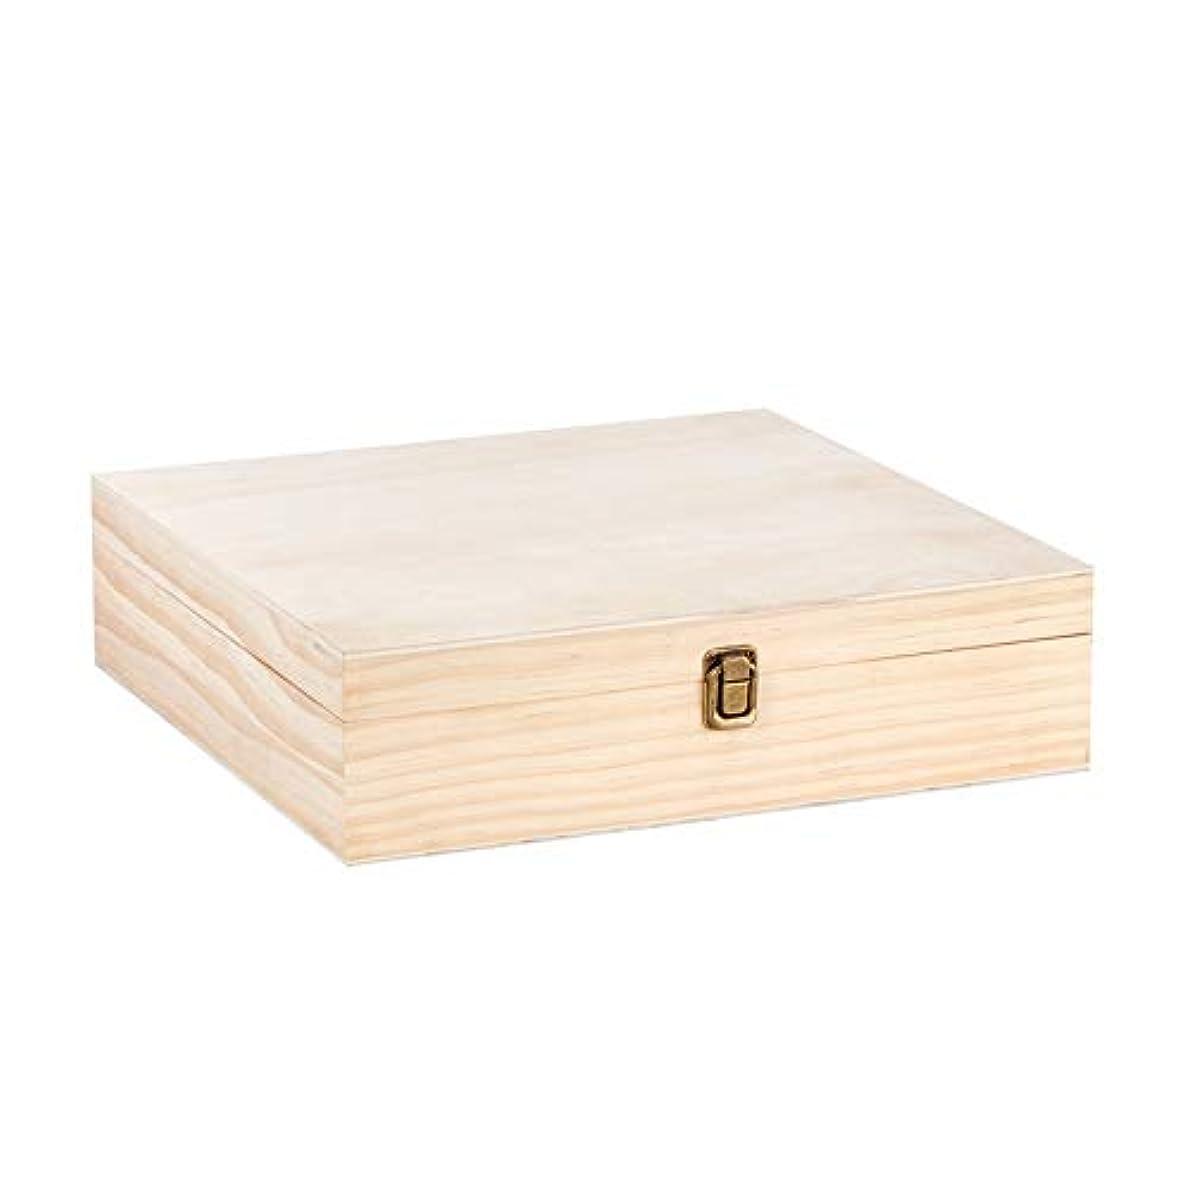 冷酷な住む放つアロマセラピー収納ボックス 油および10mlのローラーボトル木材油収納ボックス75鍵穴の87種類のスロット12の5?15ミリリットル エッセンシャルオイル収納ボックス (色 : Natural, サイズ : 25.5X25.5X9.5CM)